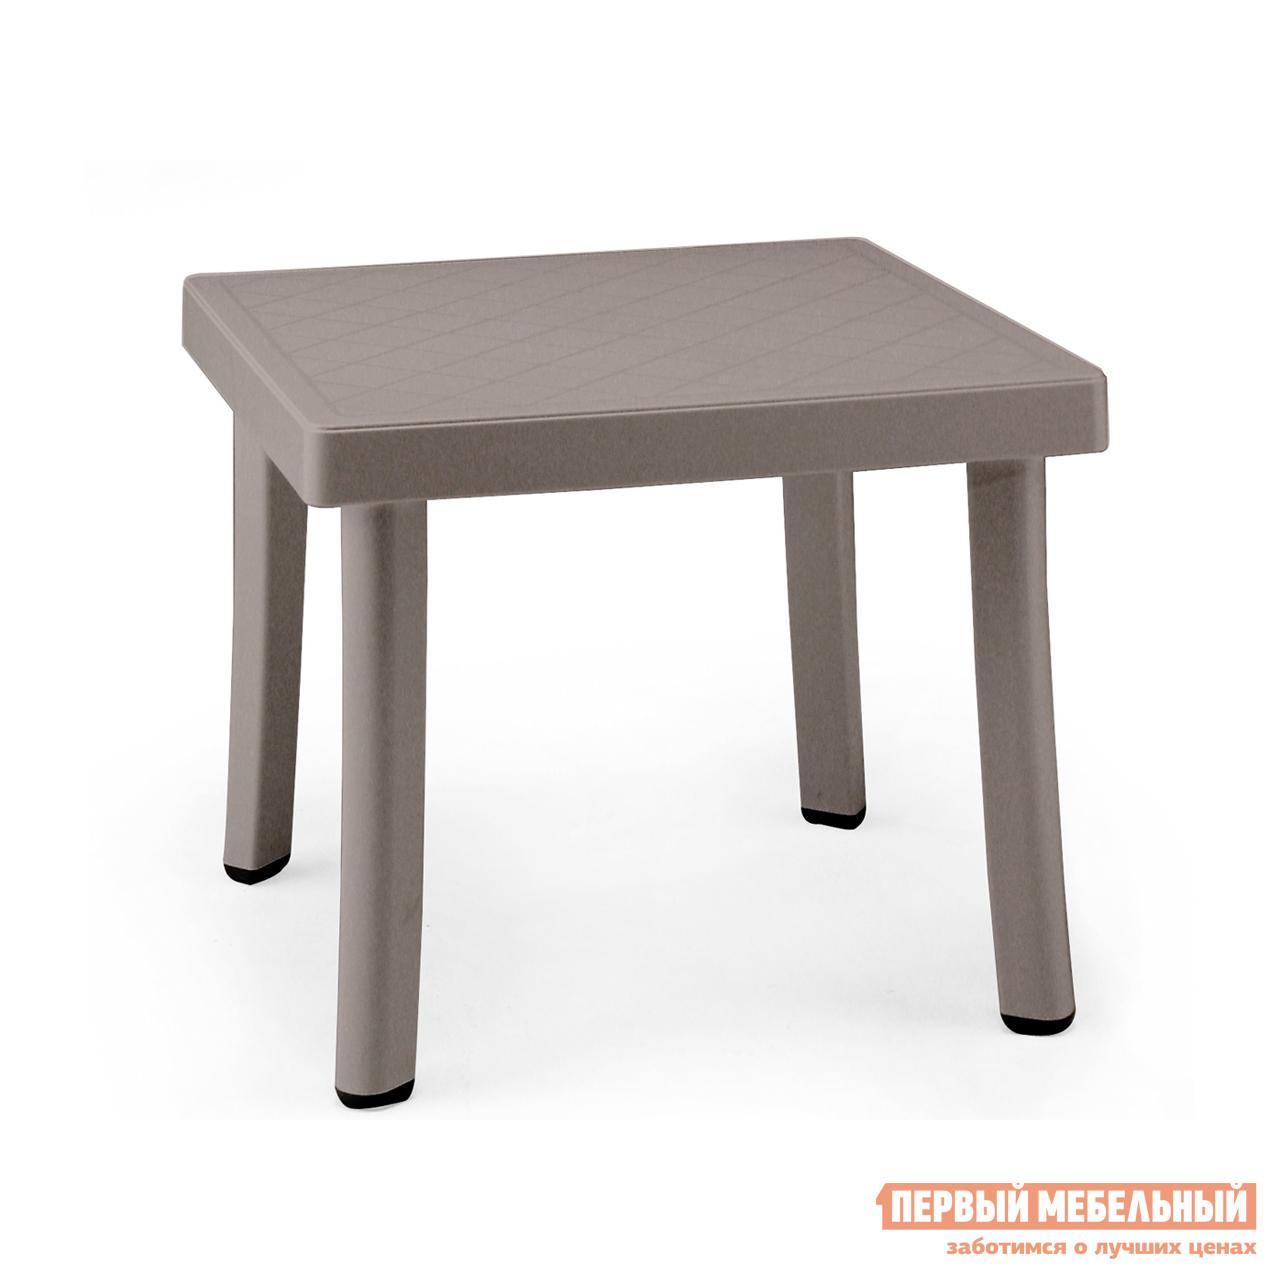 Пластиковый столик Рихаус RODI пластиковый стул рихаус net 4032656000 4032675000